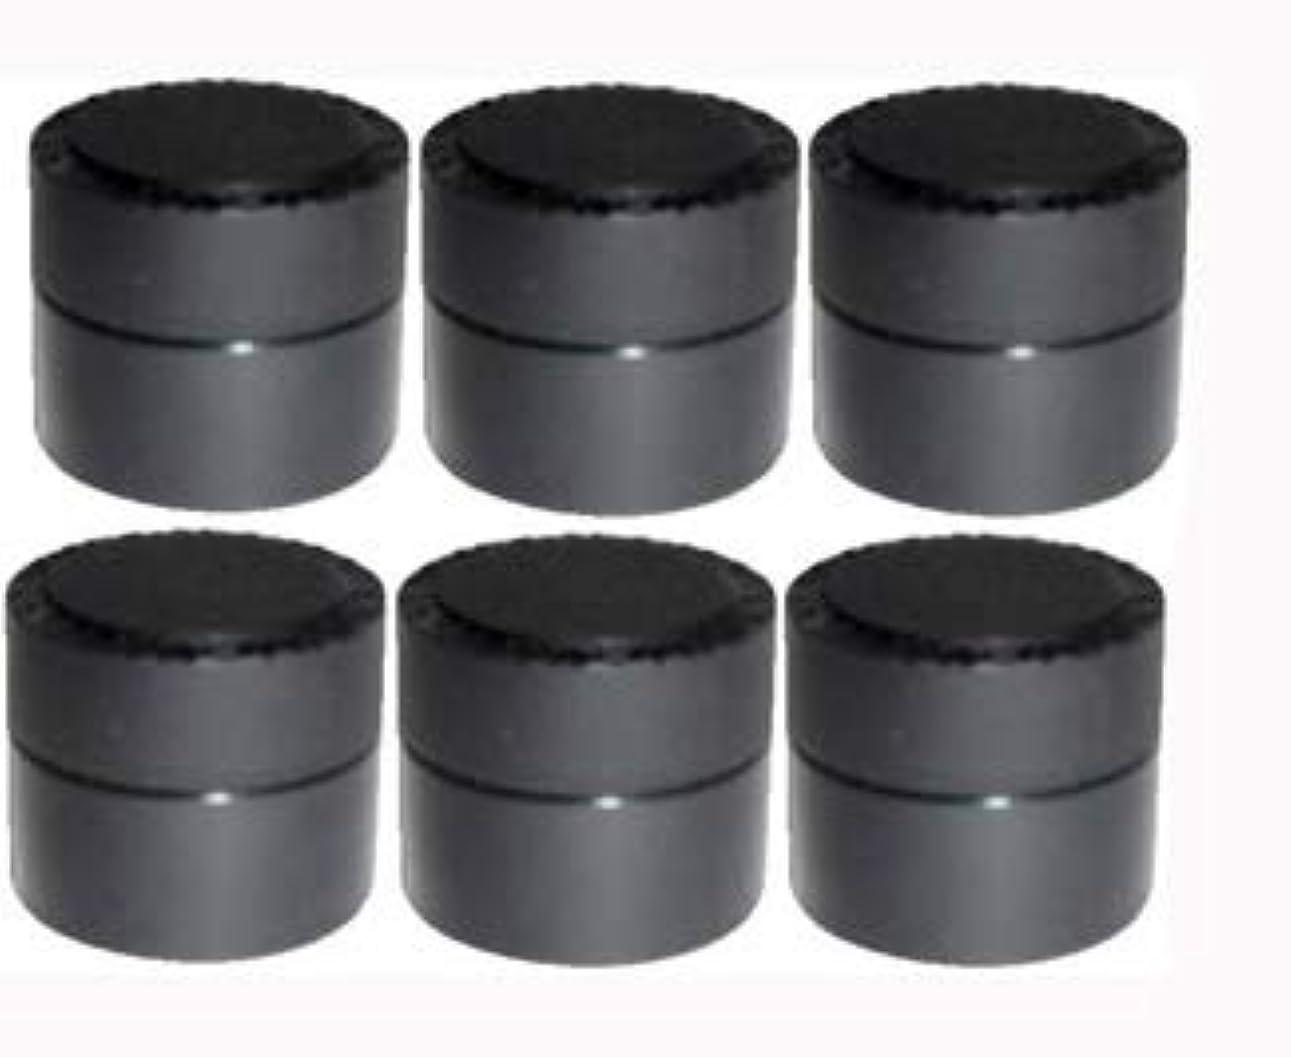 ルール逆さまにゲートウェイメルティージェル MELTY GEL 空容器 黒 (容量5g) 6個